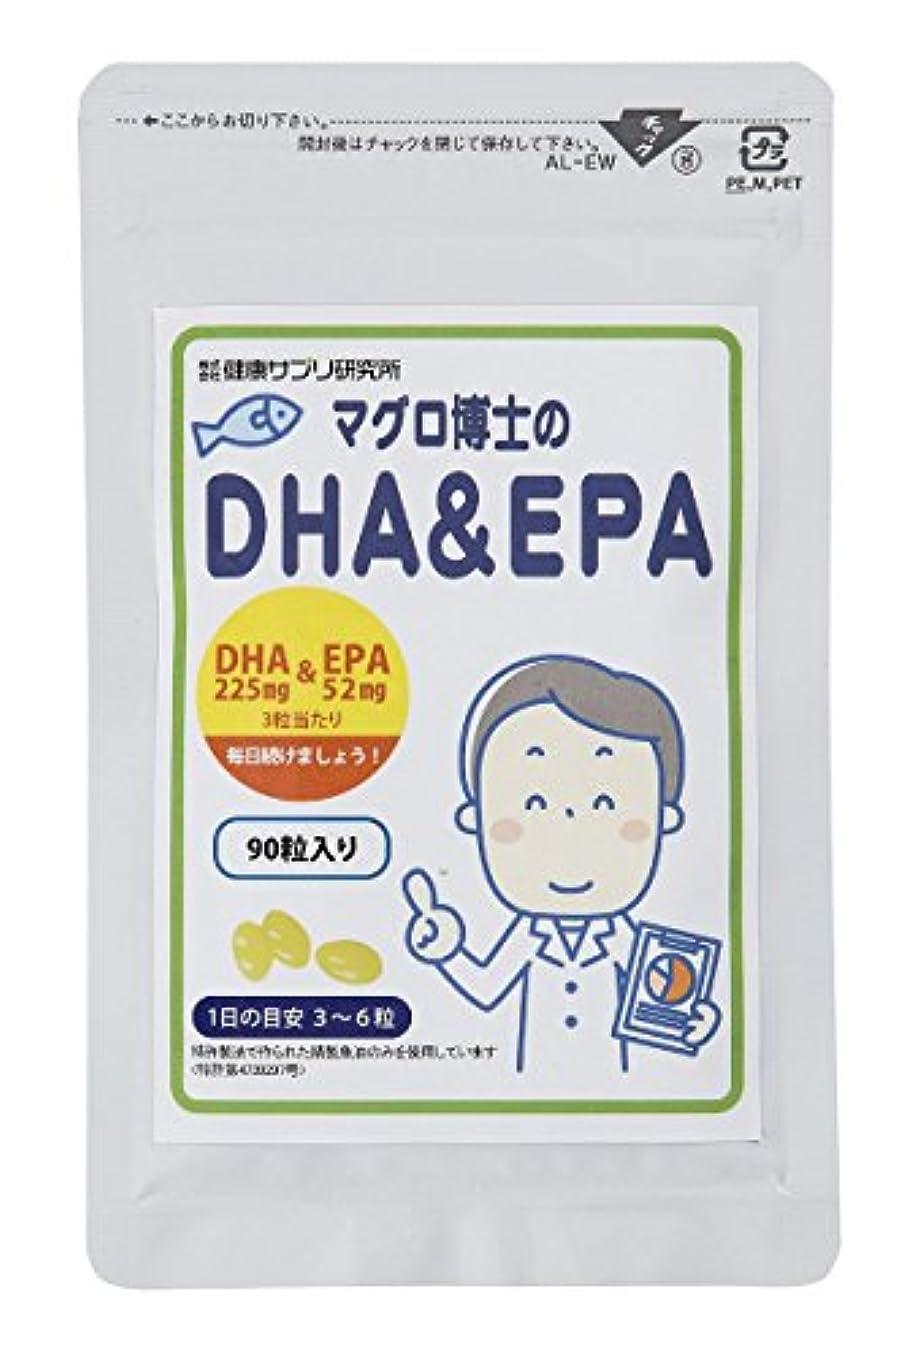 竜巻社会科オズワルド健康サプリ研究所 マグロ博士のDHA&EPA 90粒【 DHA EPA】3粒でお刺身約2~2人前のDHA?EPAを摂取